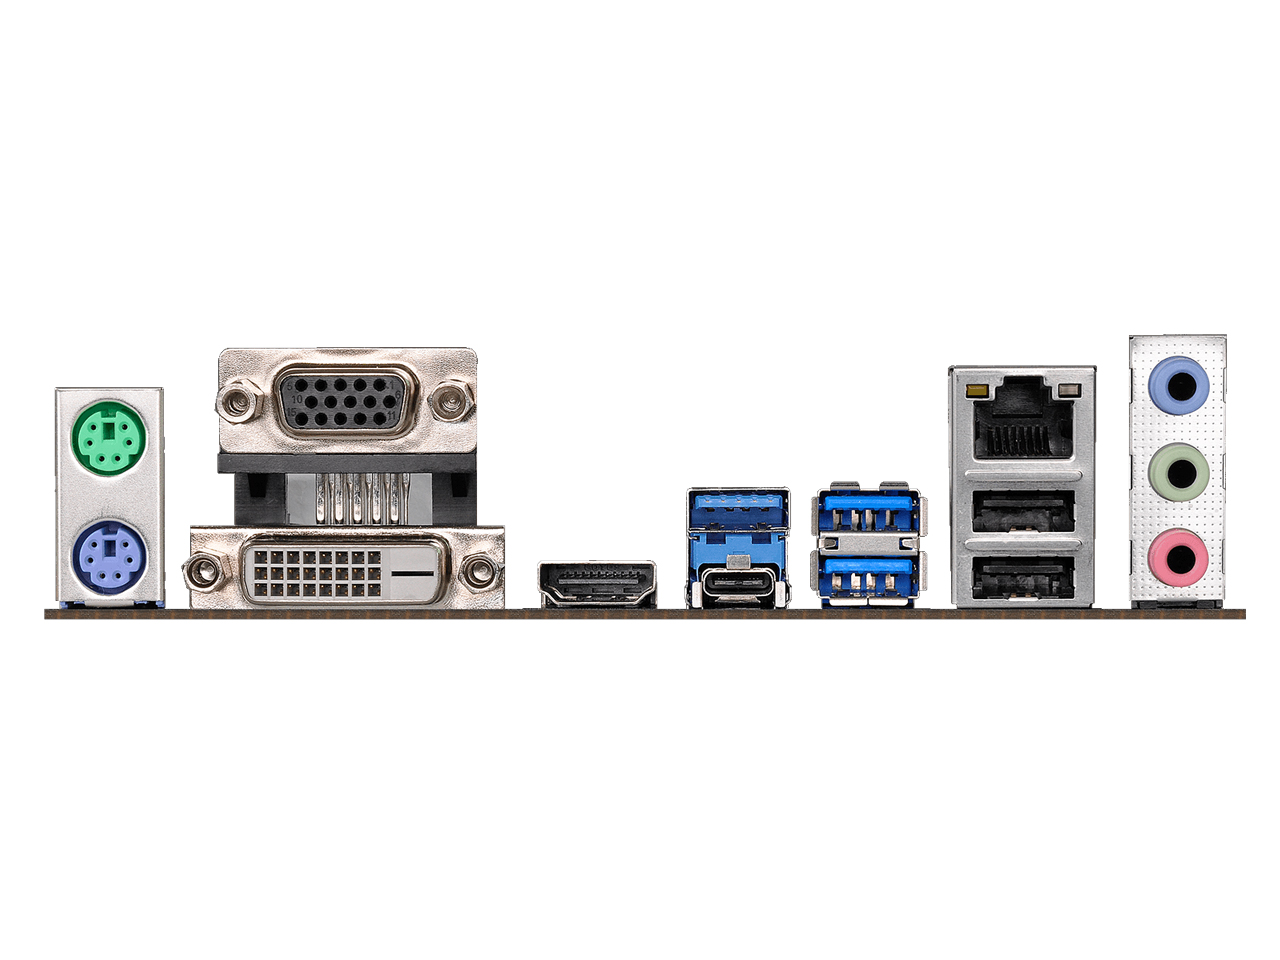 『本体 接続部分』 H370M Pro4 の製品画像